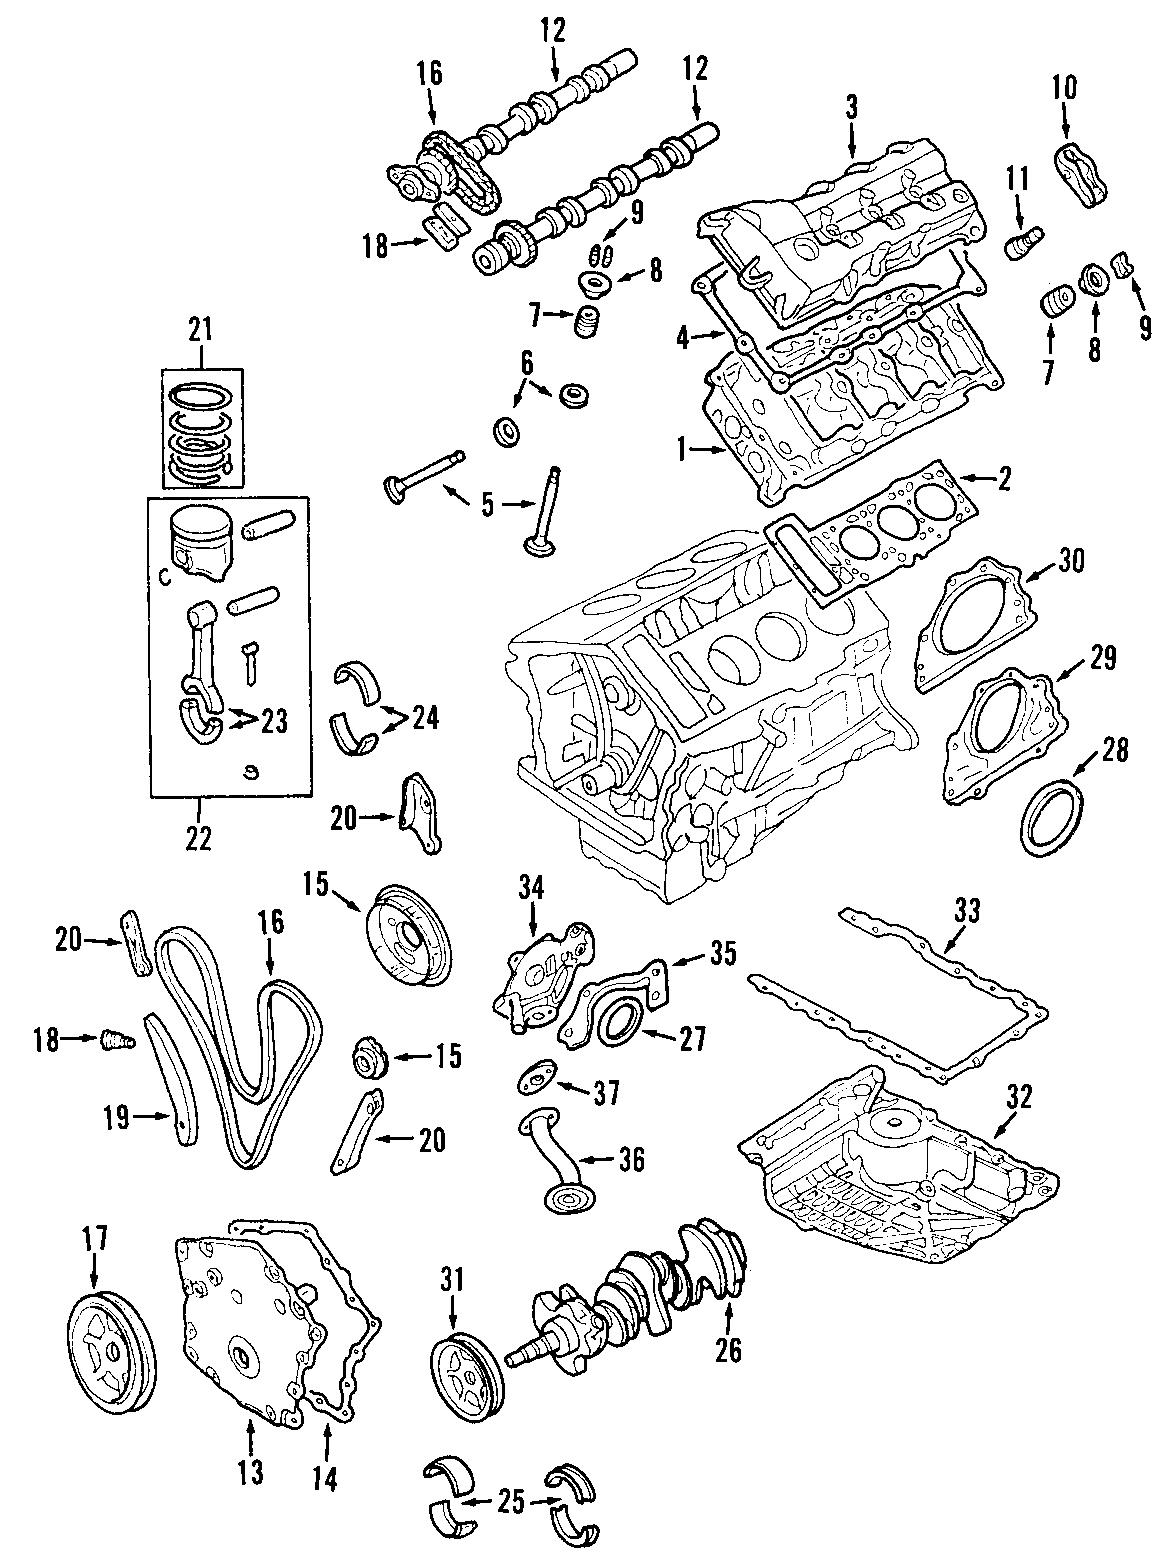 Dodge Intrepid Crankshaft Gear Timing Sprocket Engine